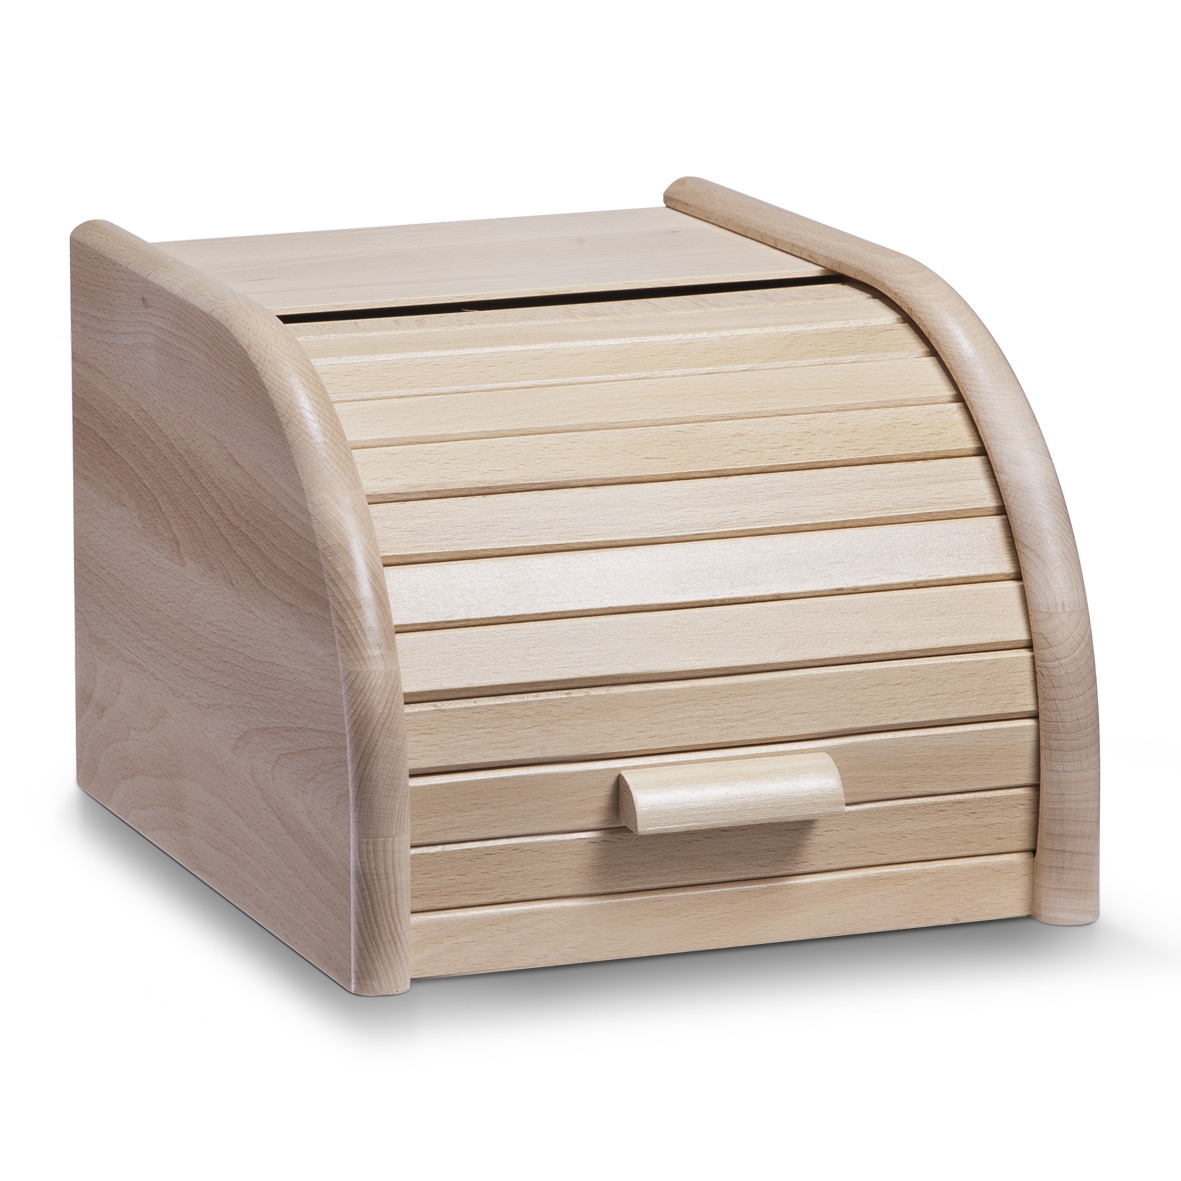 Cutie pentru paine One, din lemn de fag, Natural, l23xA28xH18 cm